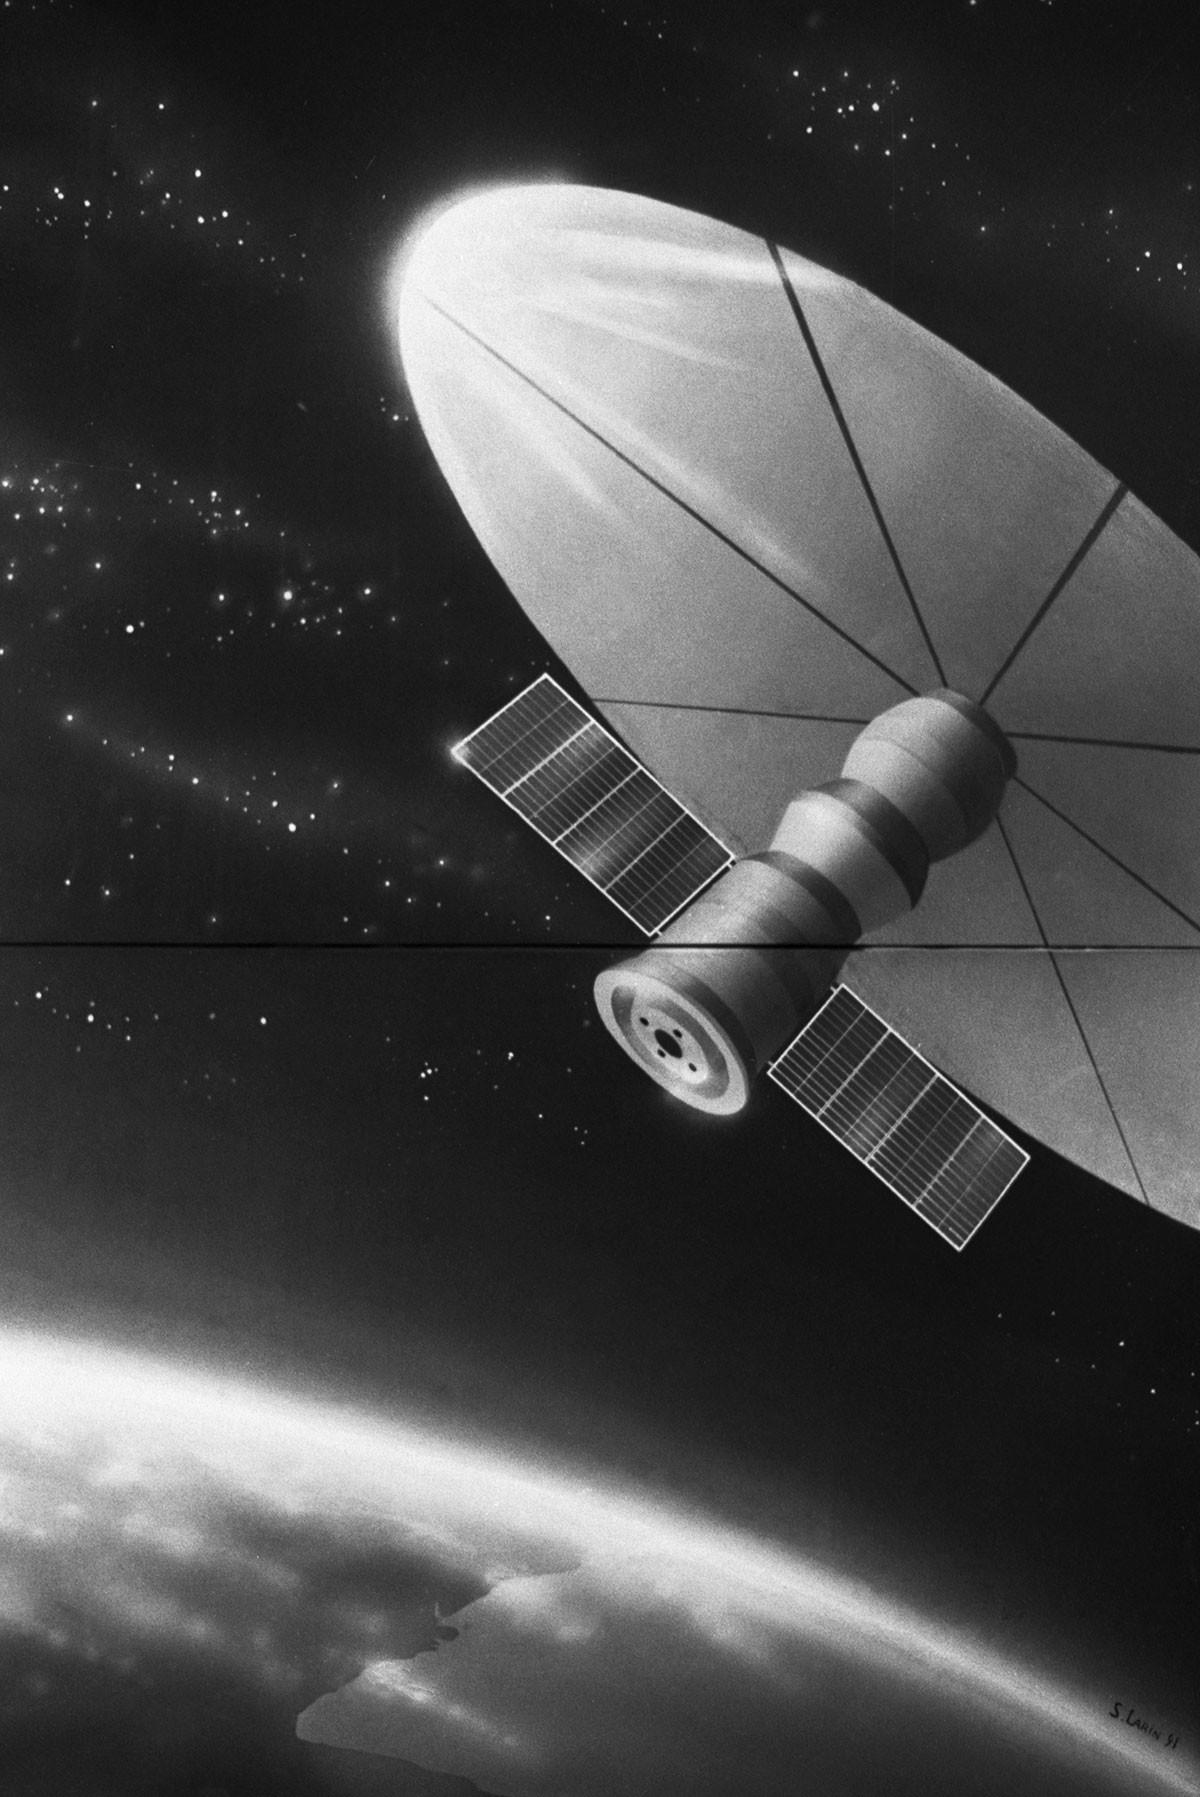 宇宙船「プログレス」の「太陽の帆」